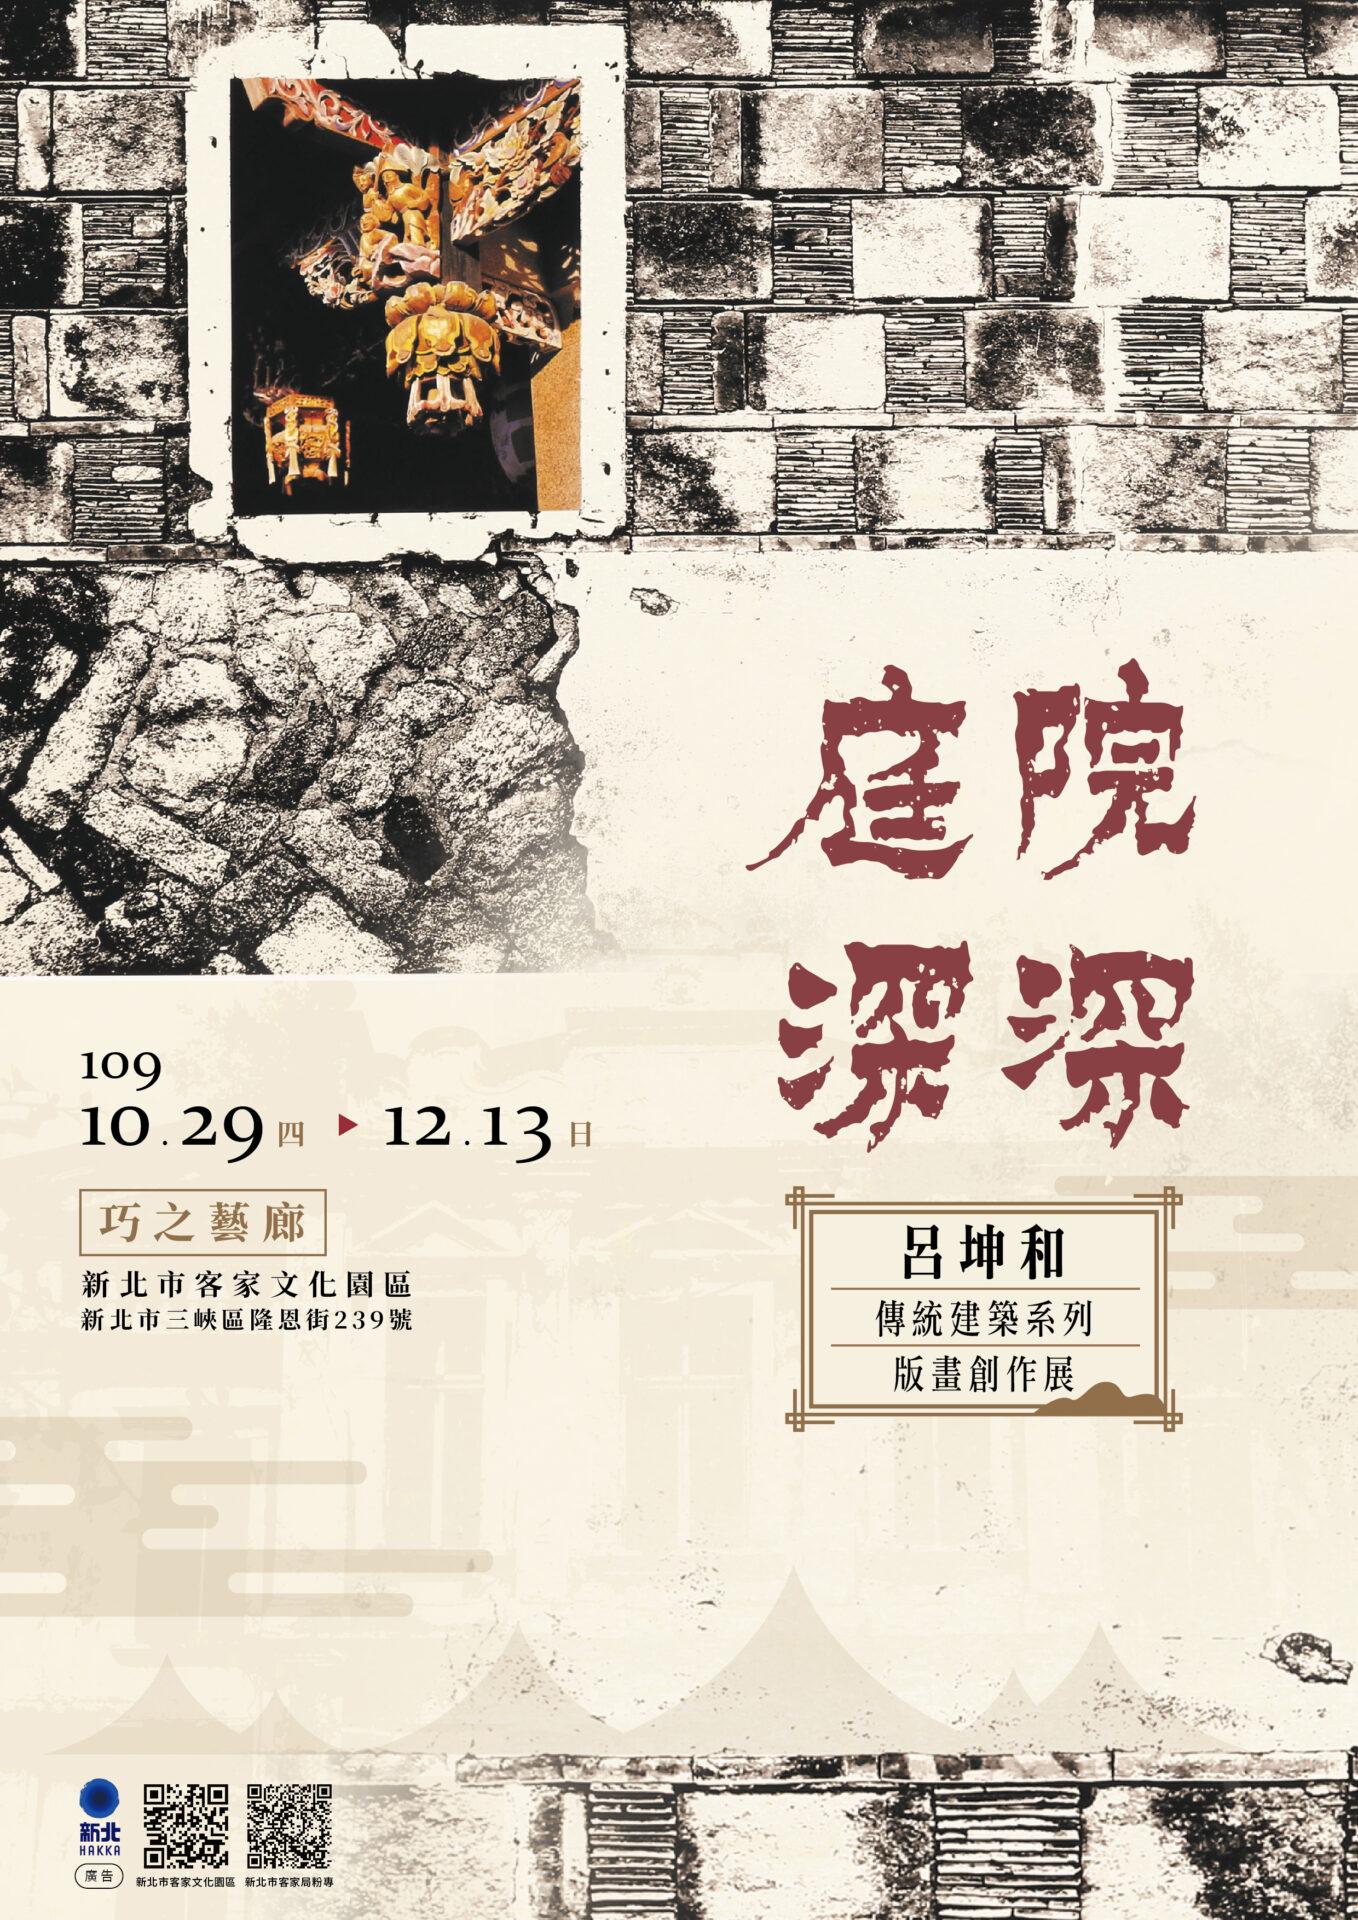 新北市客家文化園區:2020/10/29-12/13【庭院深深─呂坤和傳統建築系列版畫創作展】